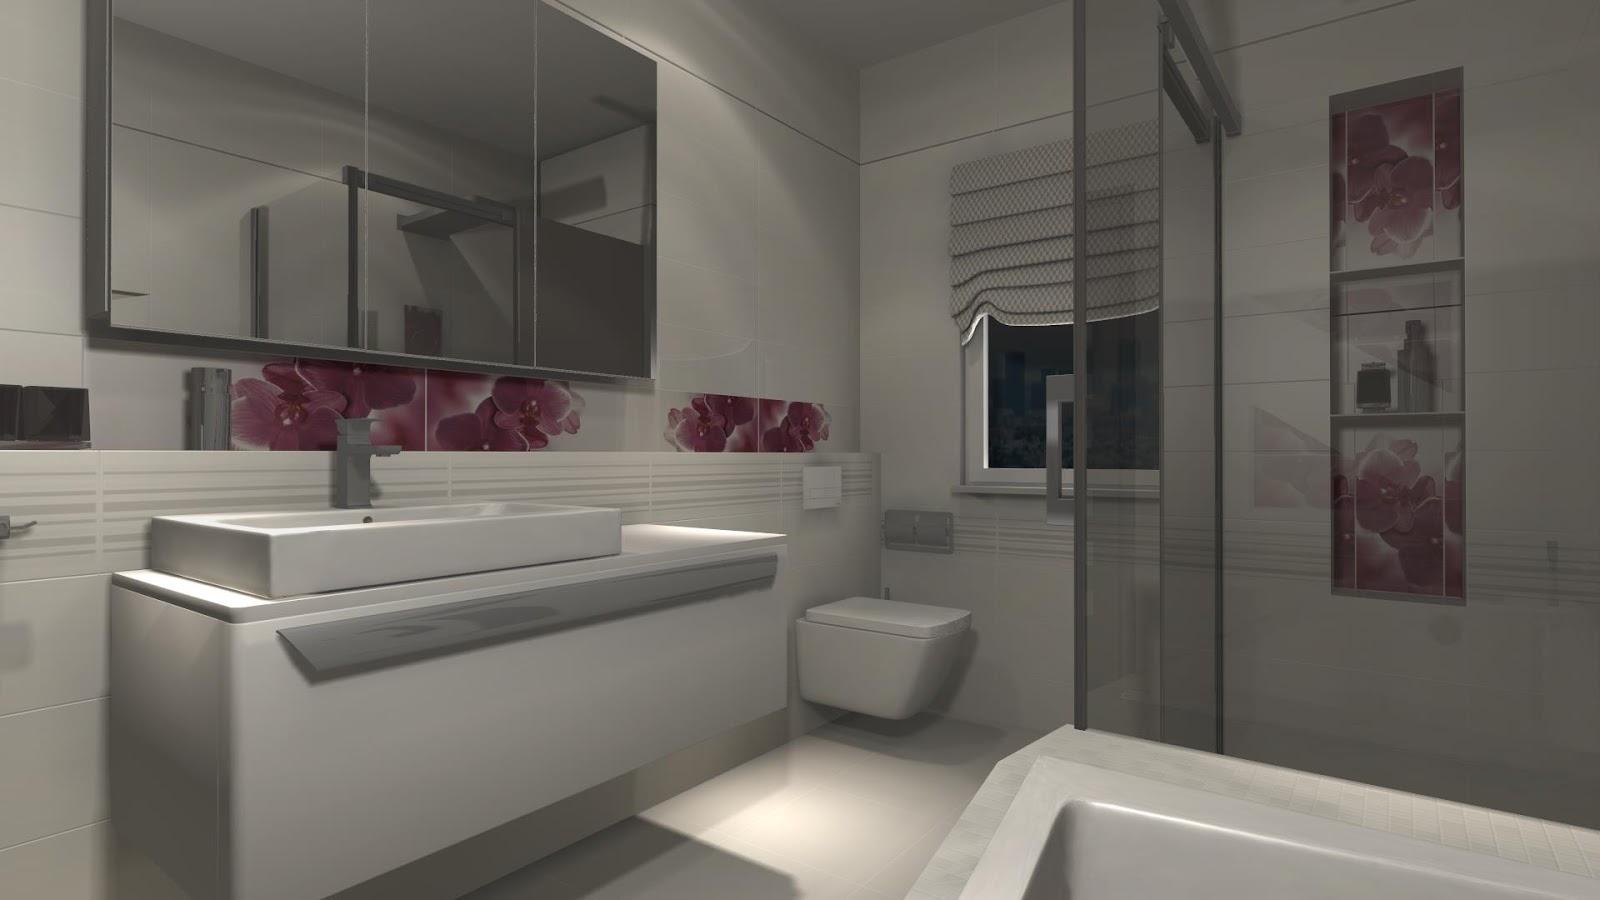 Projekty łazienek Storczyki łazienka 9 M2